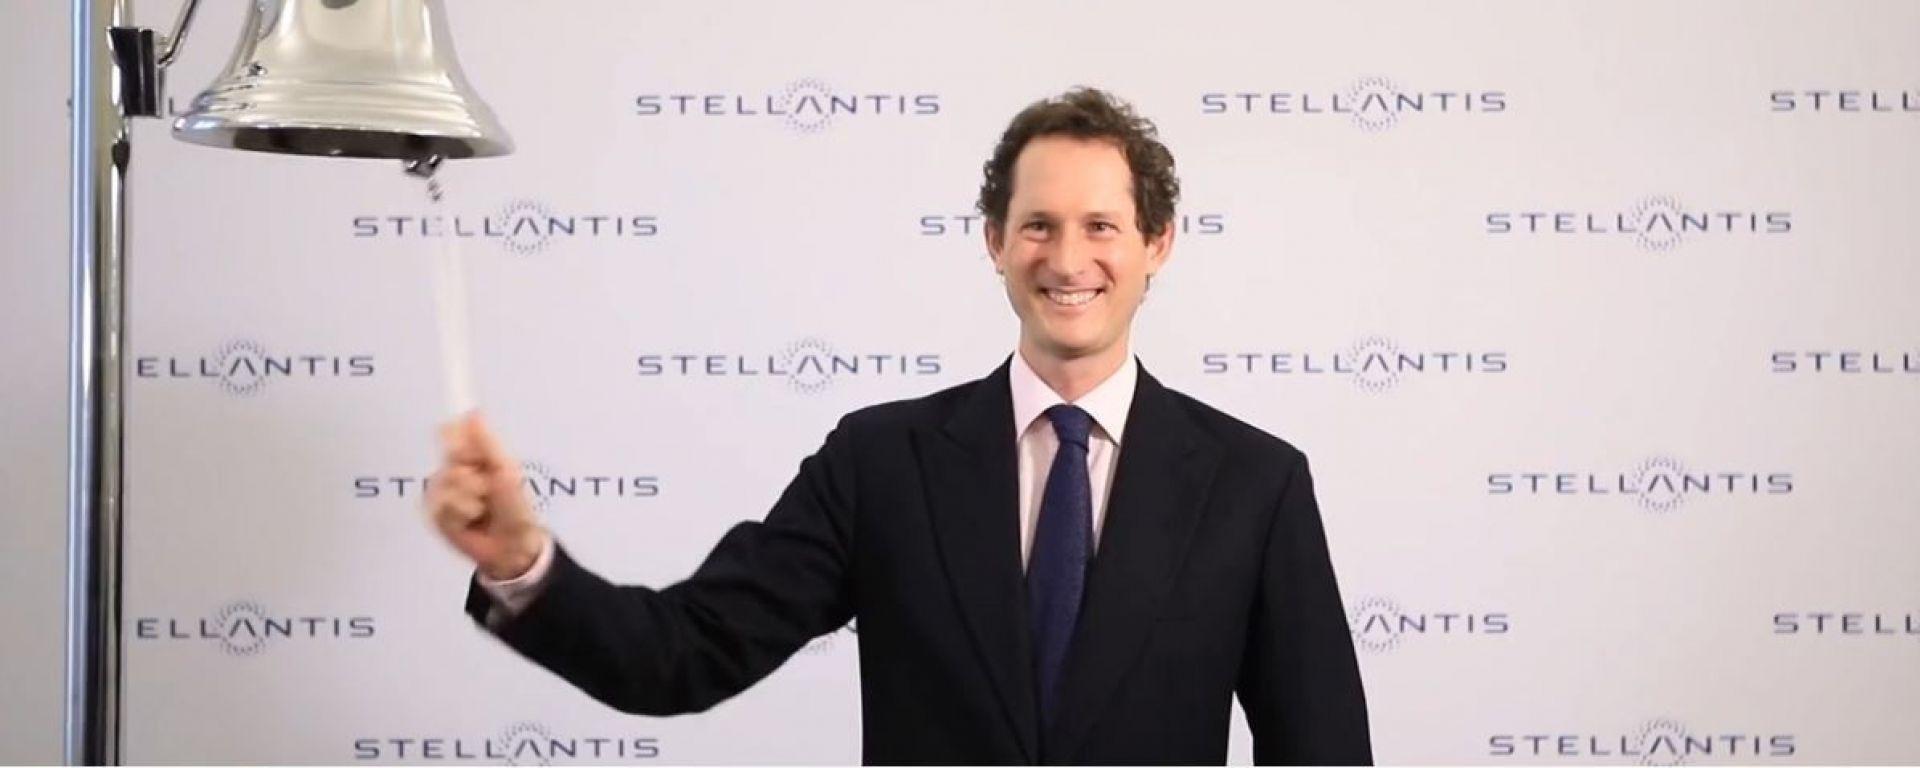 John Elkann a Piazza Affari suona la campanella: Stellantis è sul mercato azionario